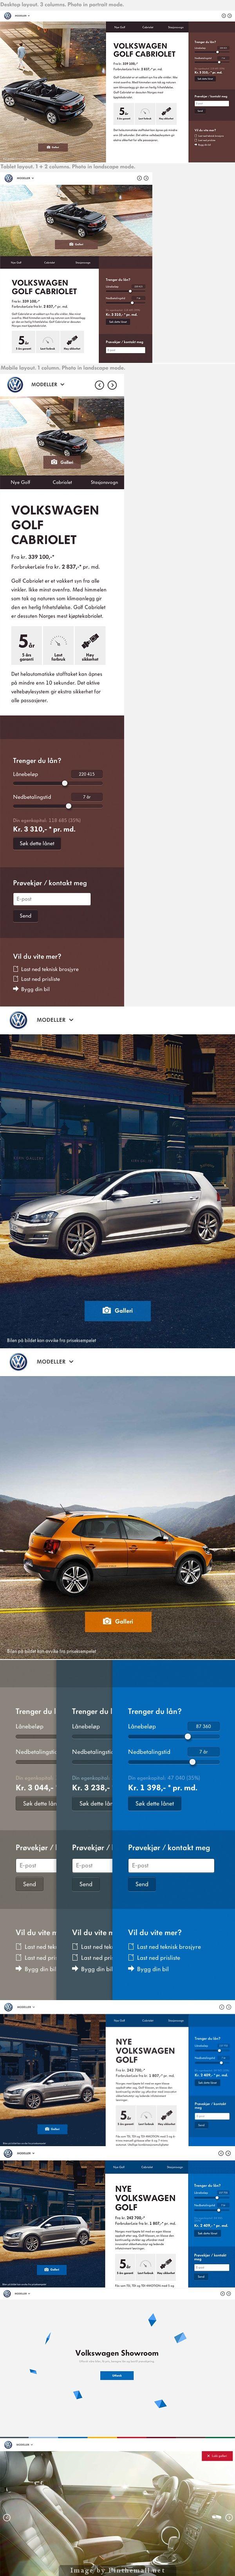 Volkswagen Showroom website by Martin Klausen